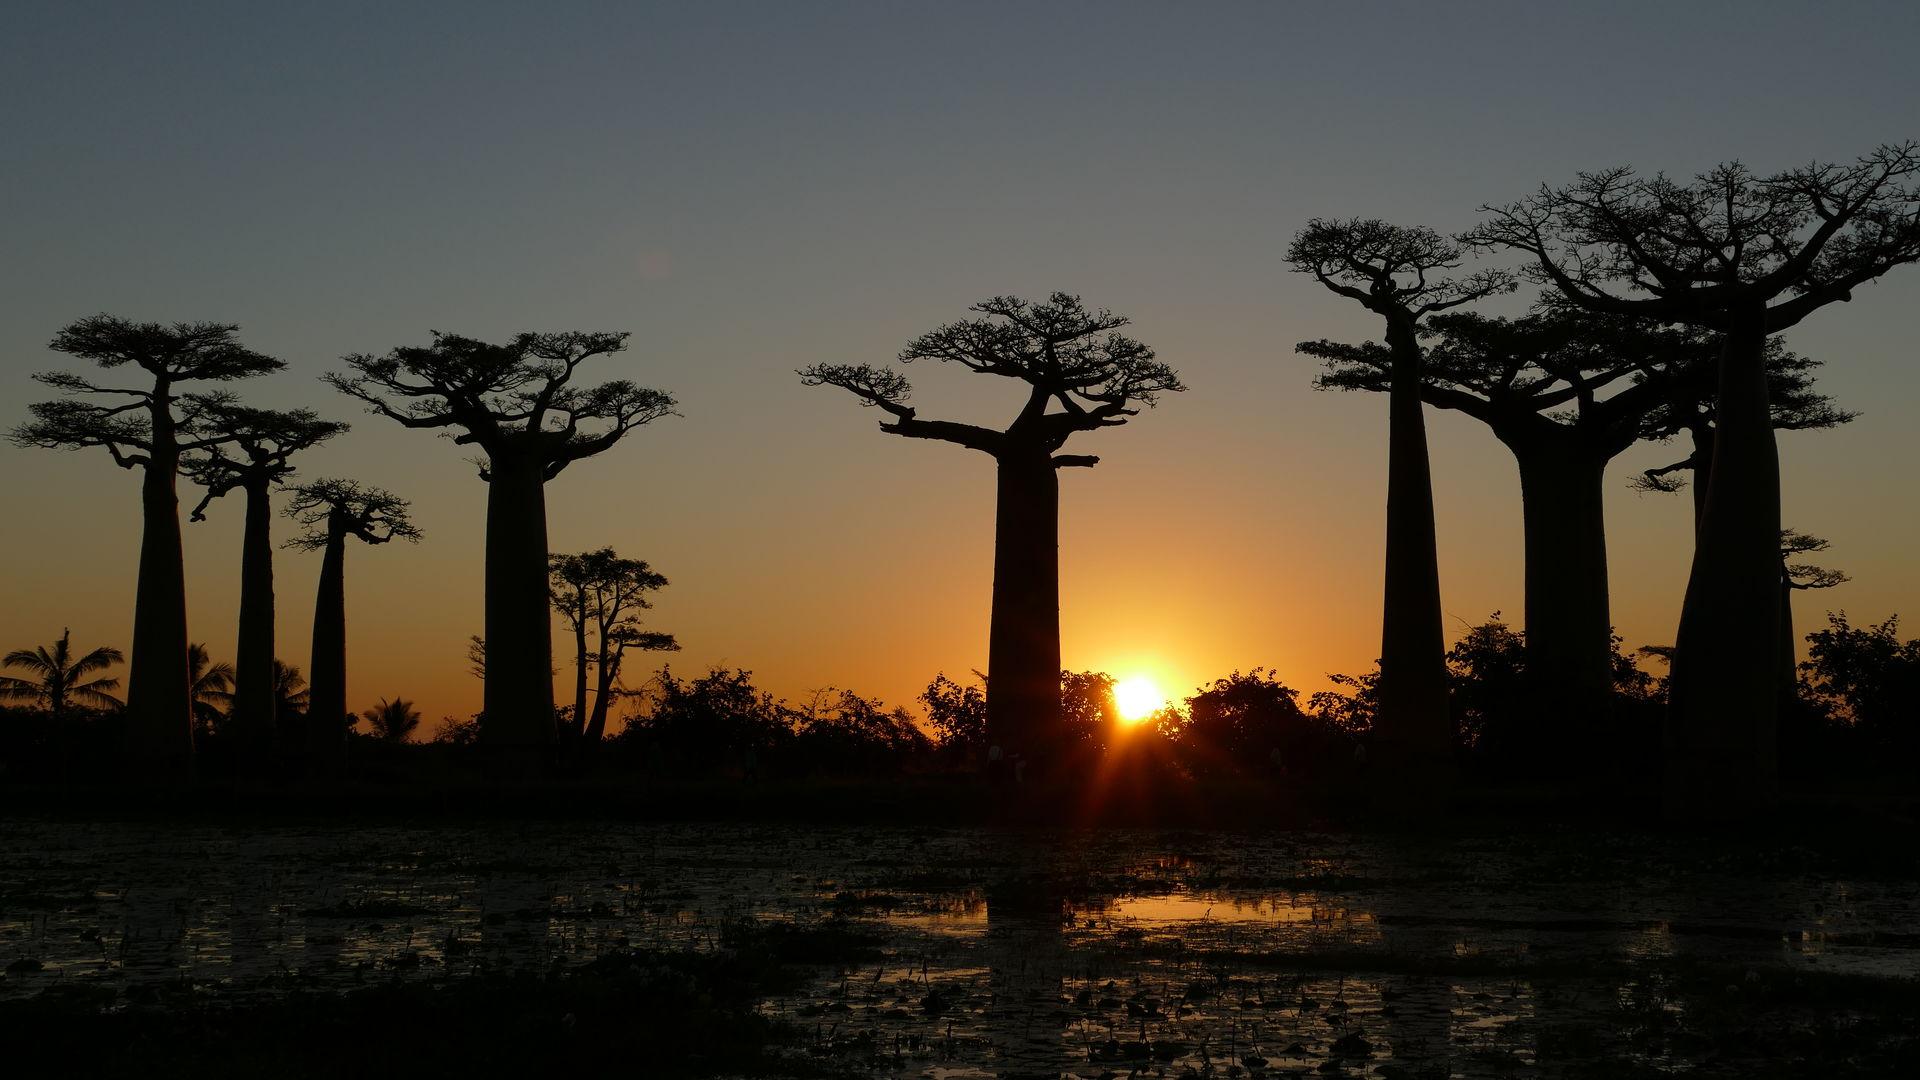 Beste reistijd Madagascar - Weer, klimaat & regenseizoen informatie